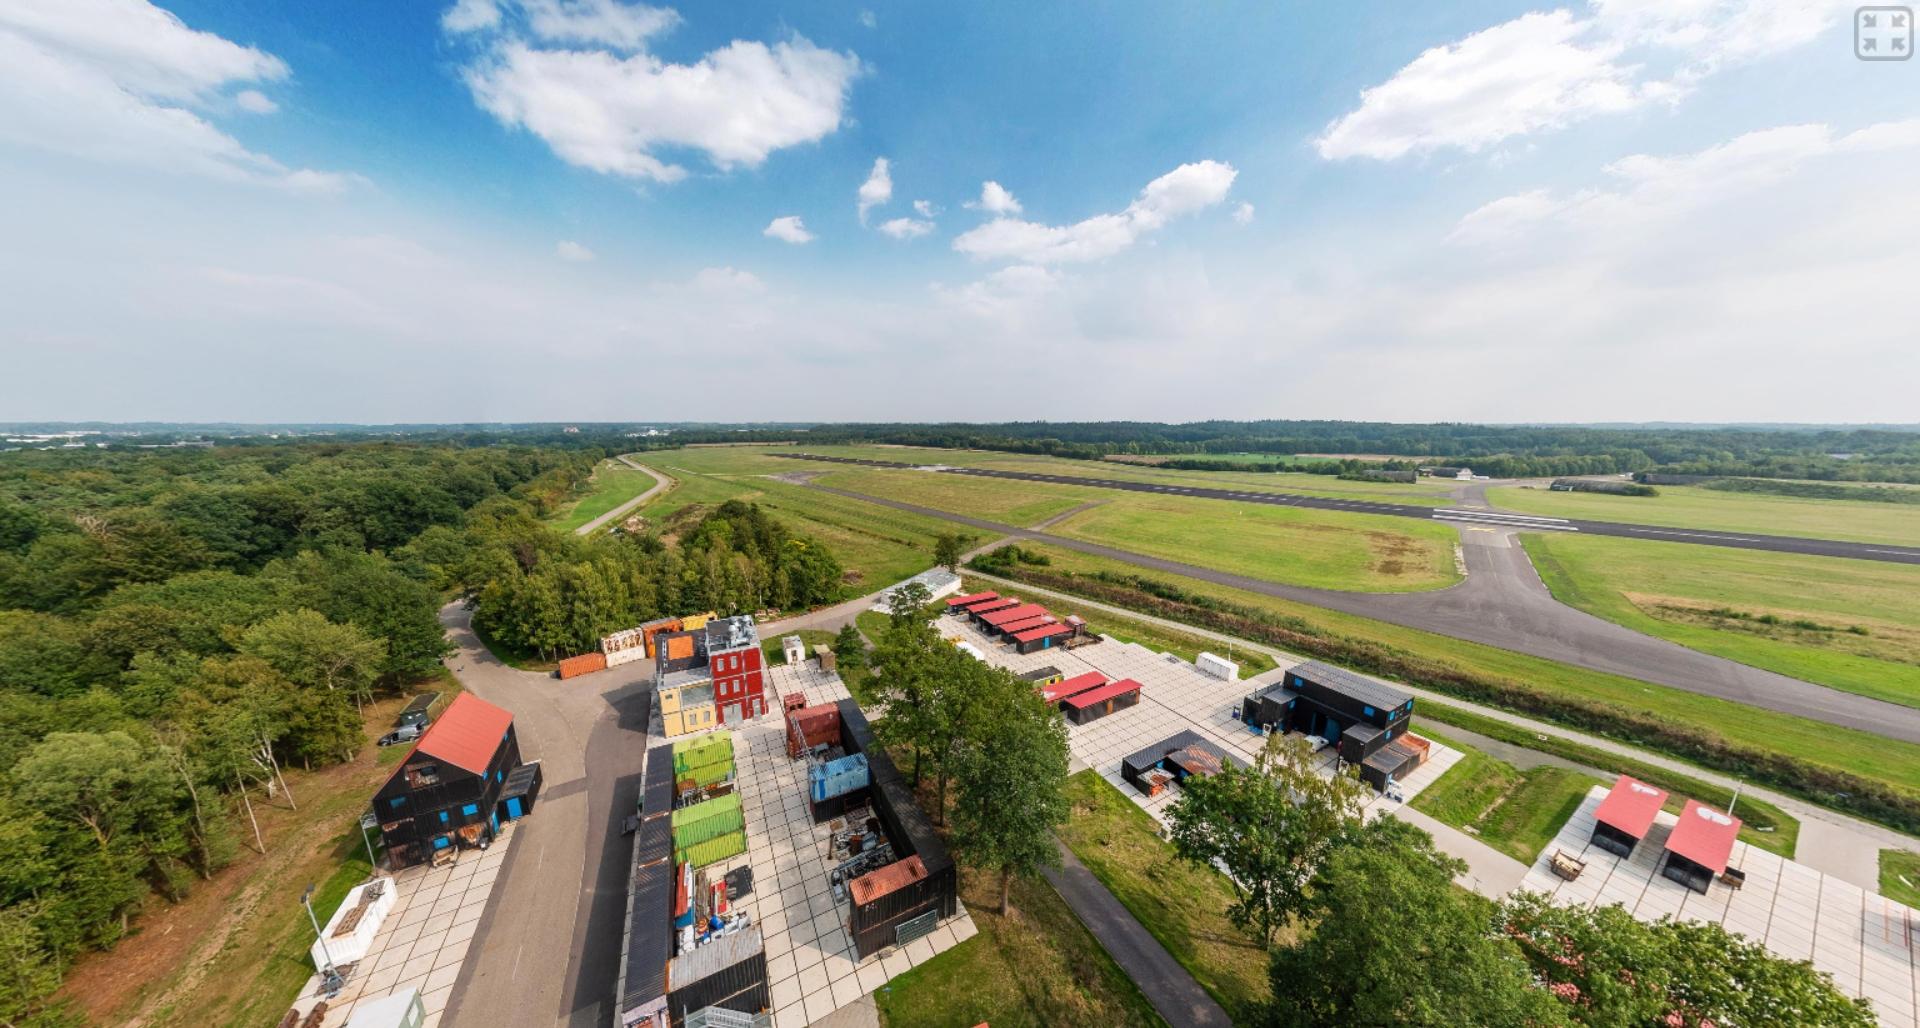 Presentatie vliegveld Twente: Brandonderzoek en Drones